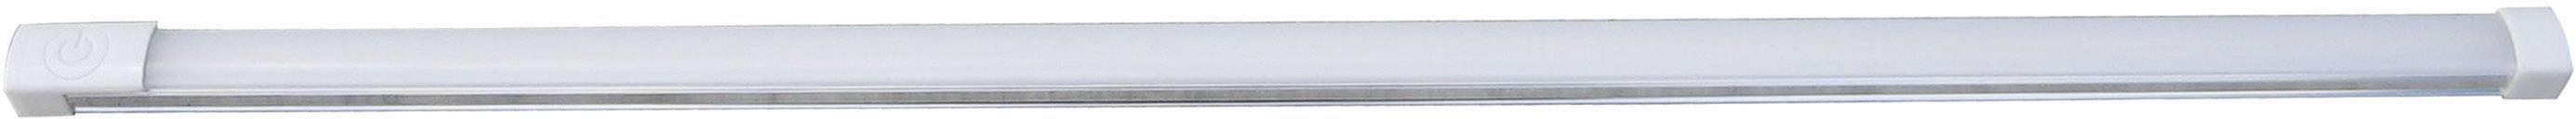 LED podhľadové svetlo DioDor DIO-TL60-FN, 10 W, 60 cm, teplá biela, biela